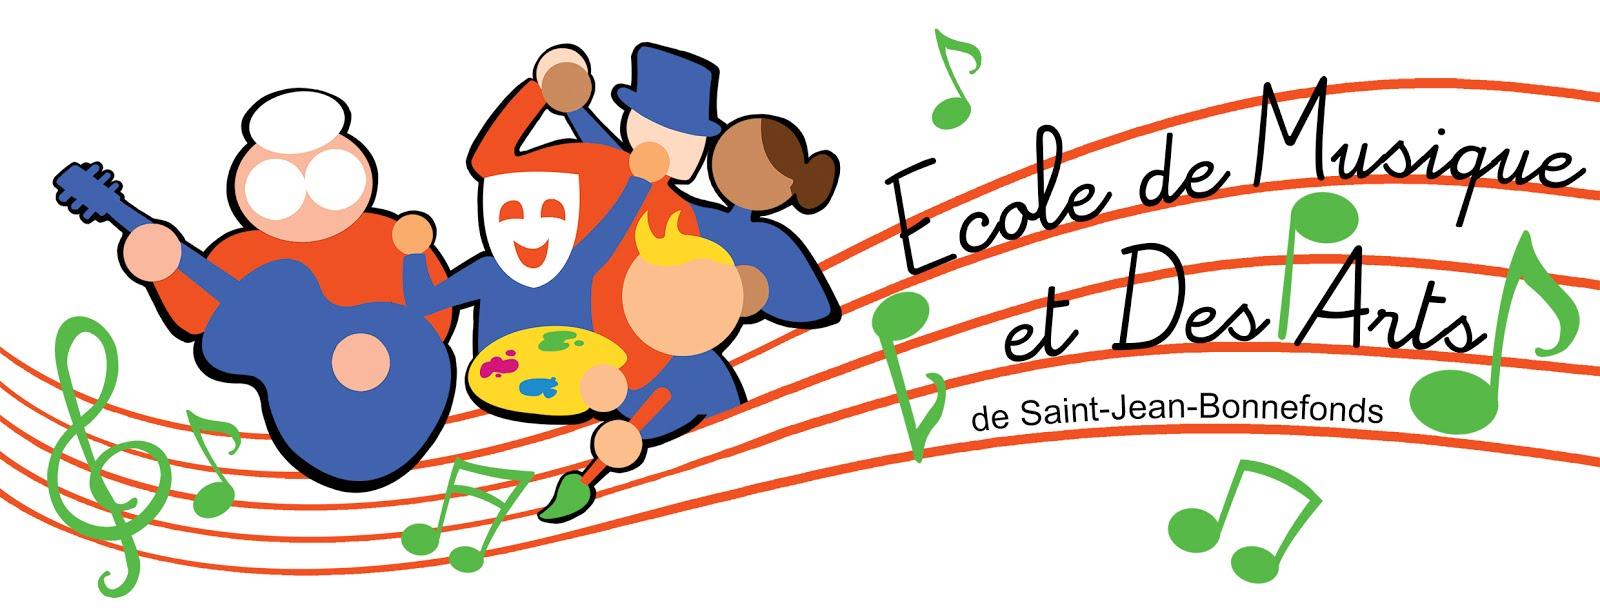 Ecole de musique de Saint-Jean-Bonnefonds